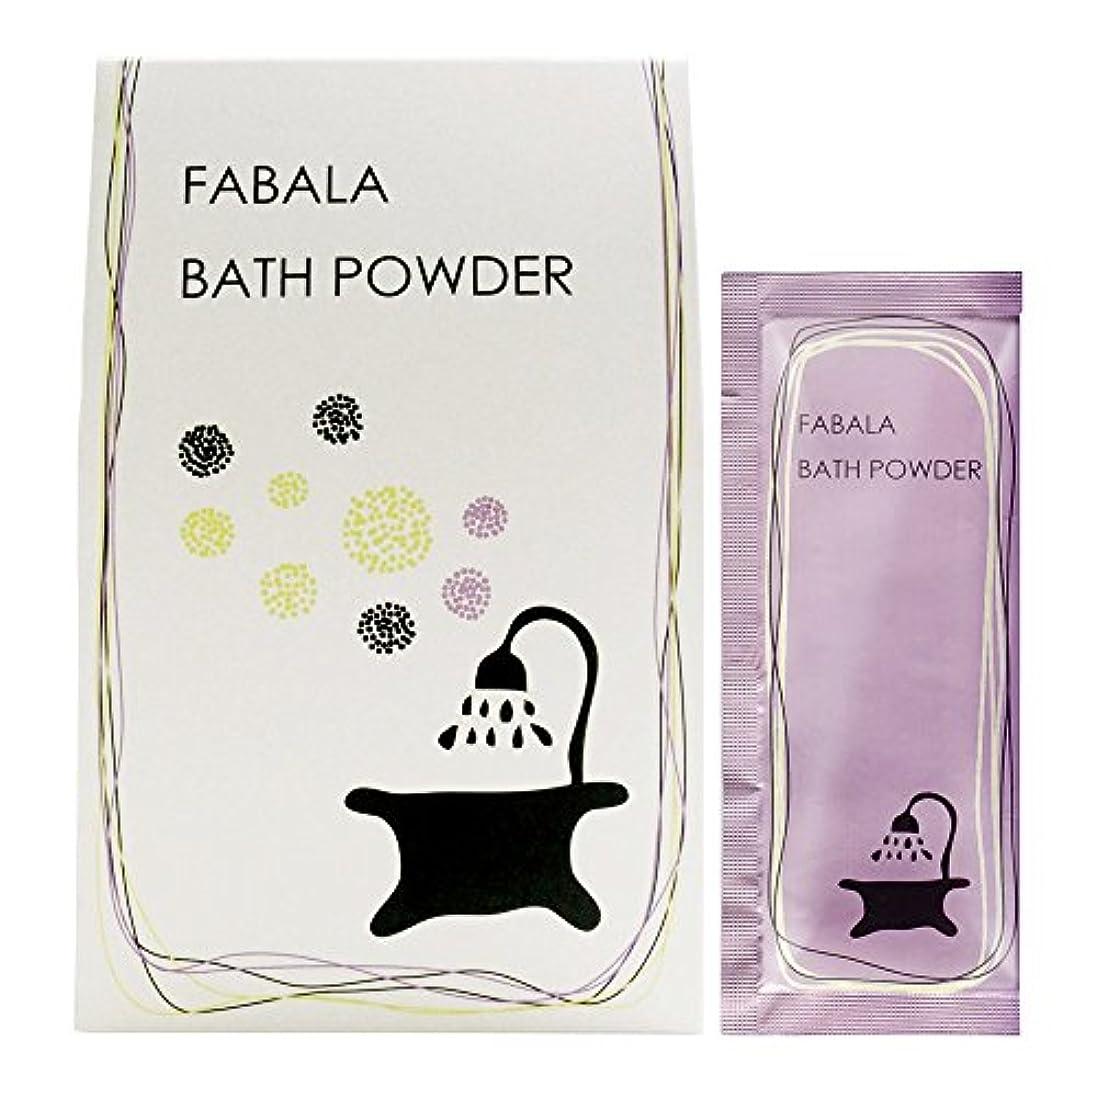 スピンセットするナイトスポットFABALA BATH POWDER(ファバラ バスパウダー)